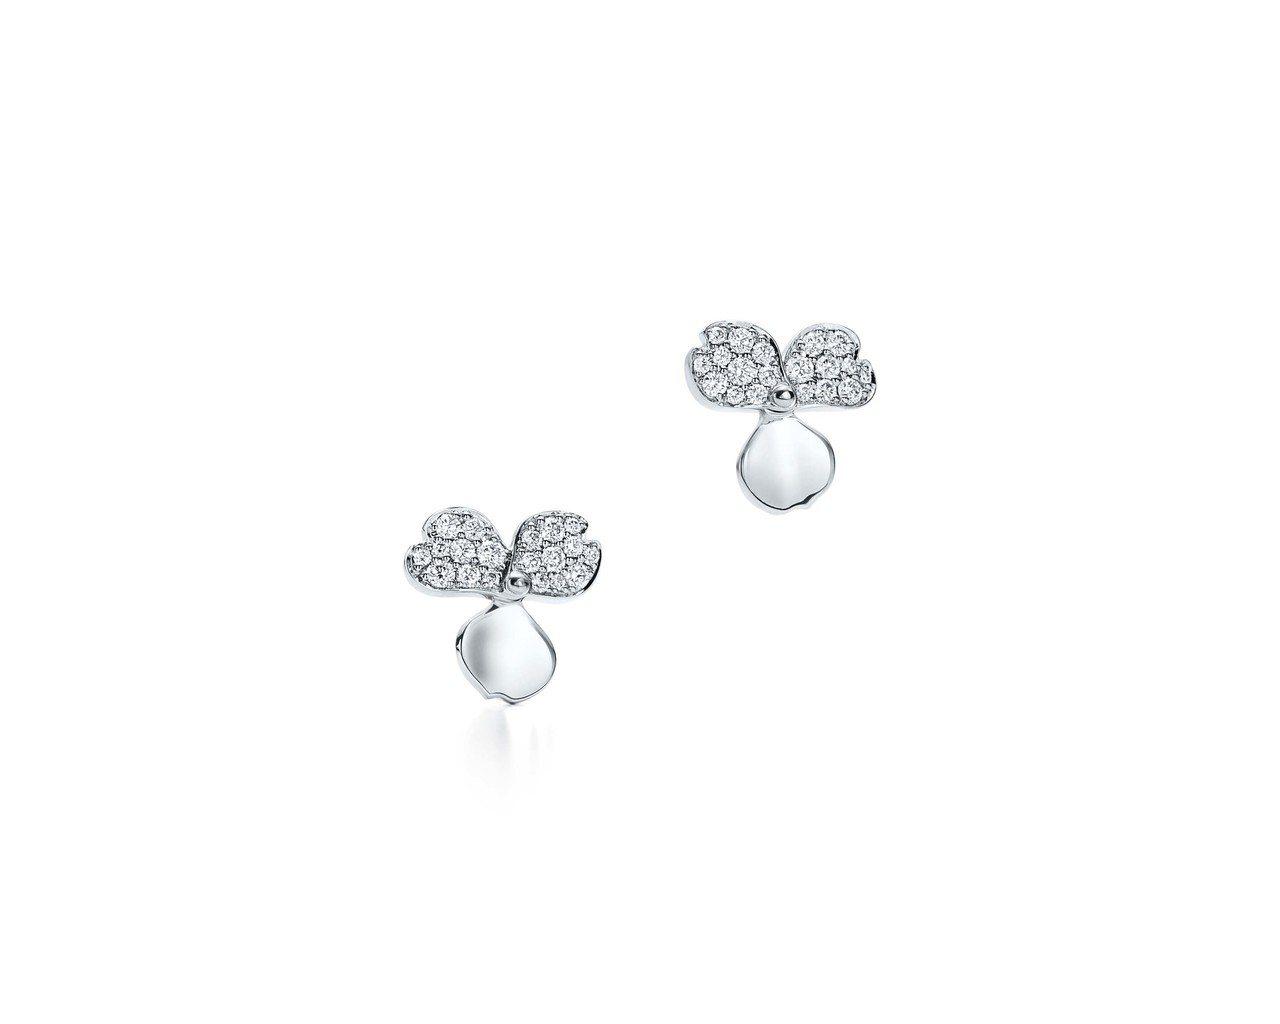 趙又廷配戴的Tiffany Paper Flowers 系列耳環,花瓣設計鉑金鑲...